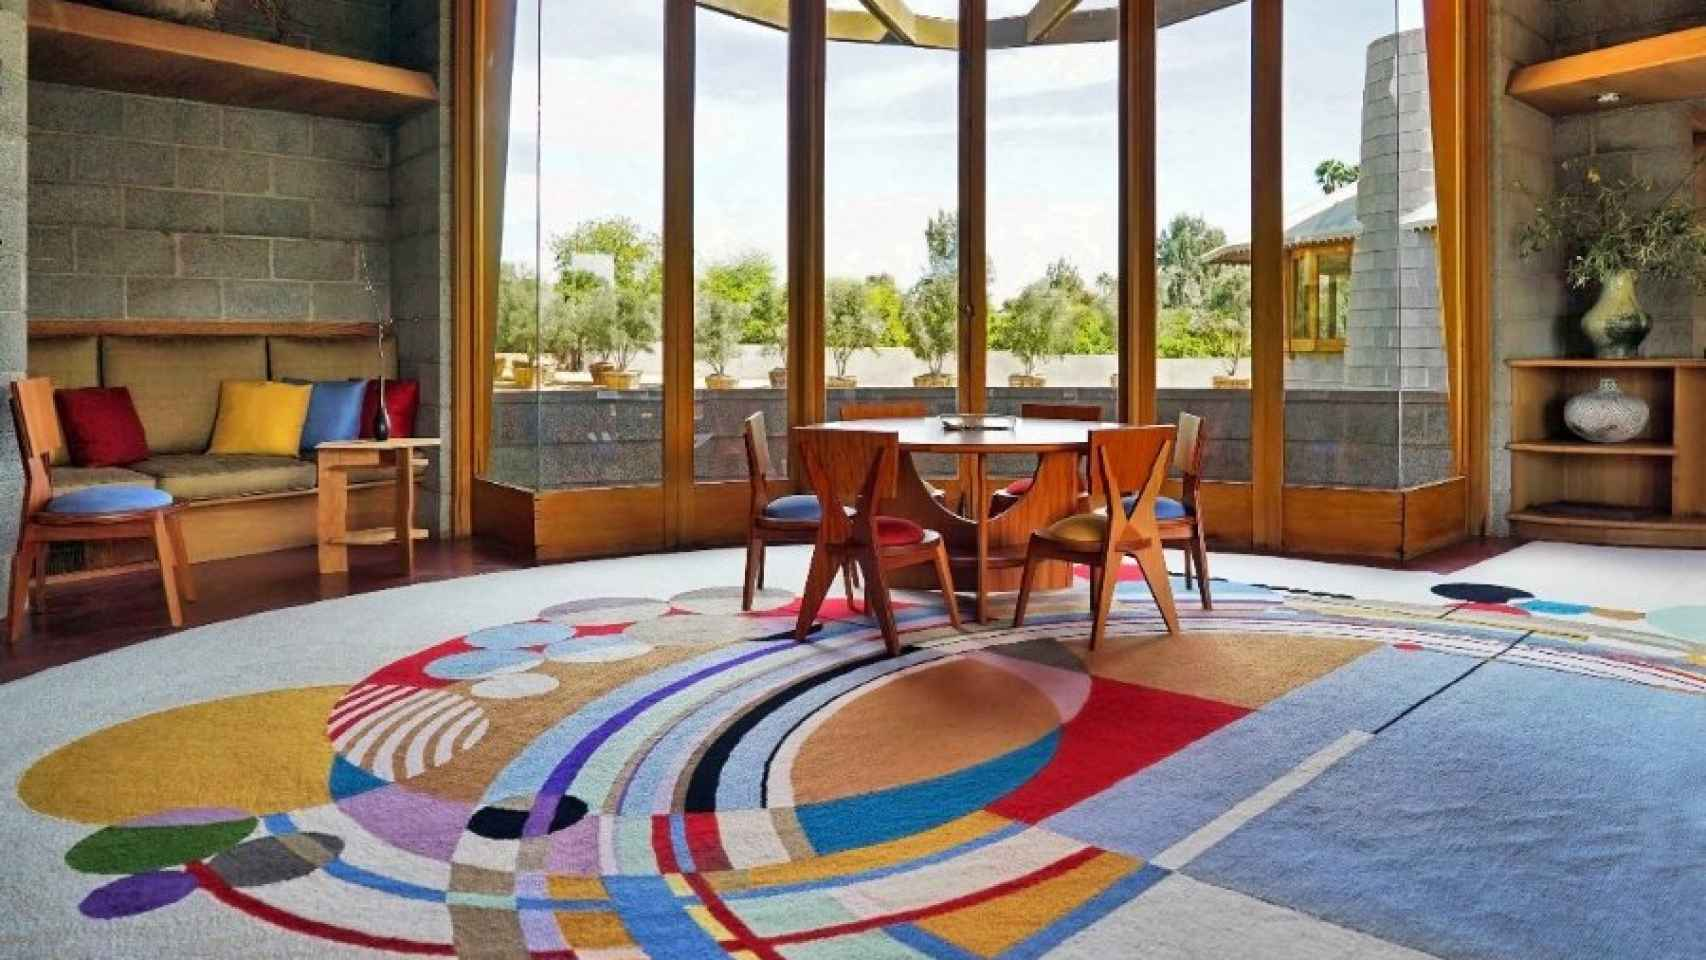 Casa de David y Gladys Wright en Phoenix (Arizona). Frank Lloyd Wright diseñó edificio, muebles y jardín en 1950.